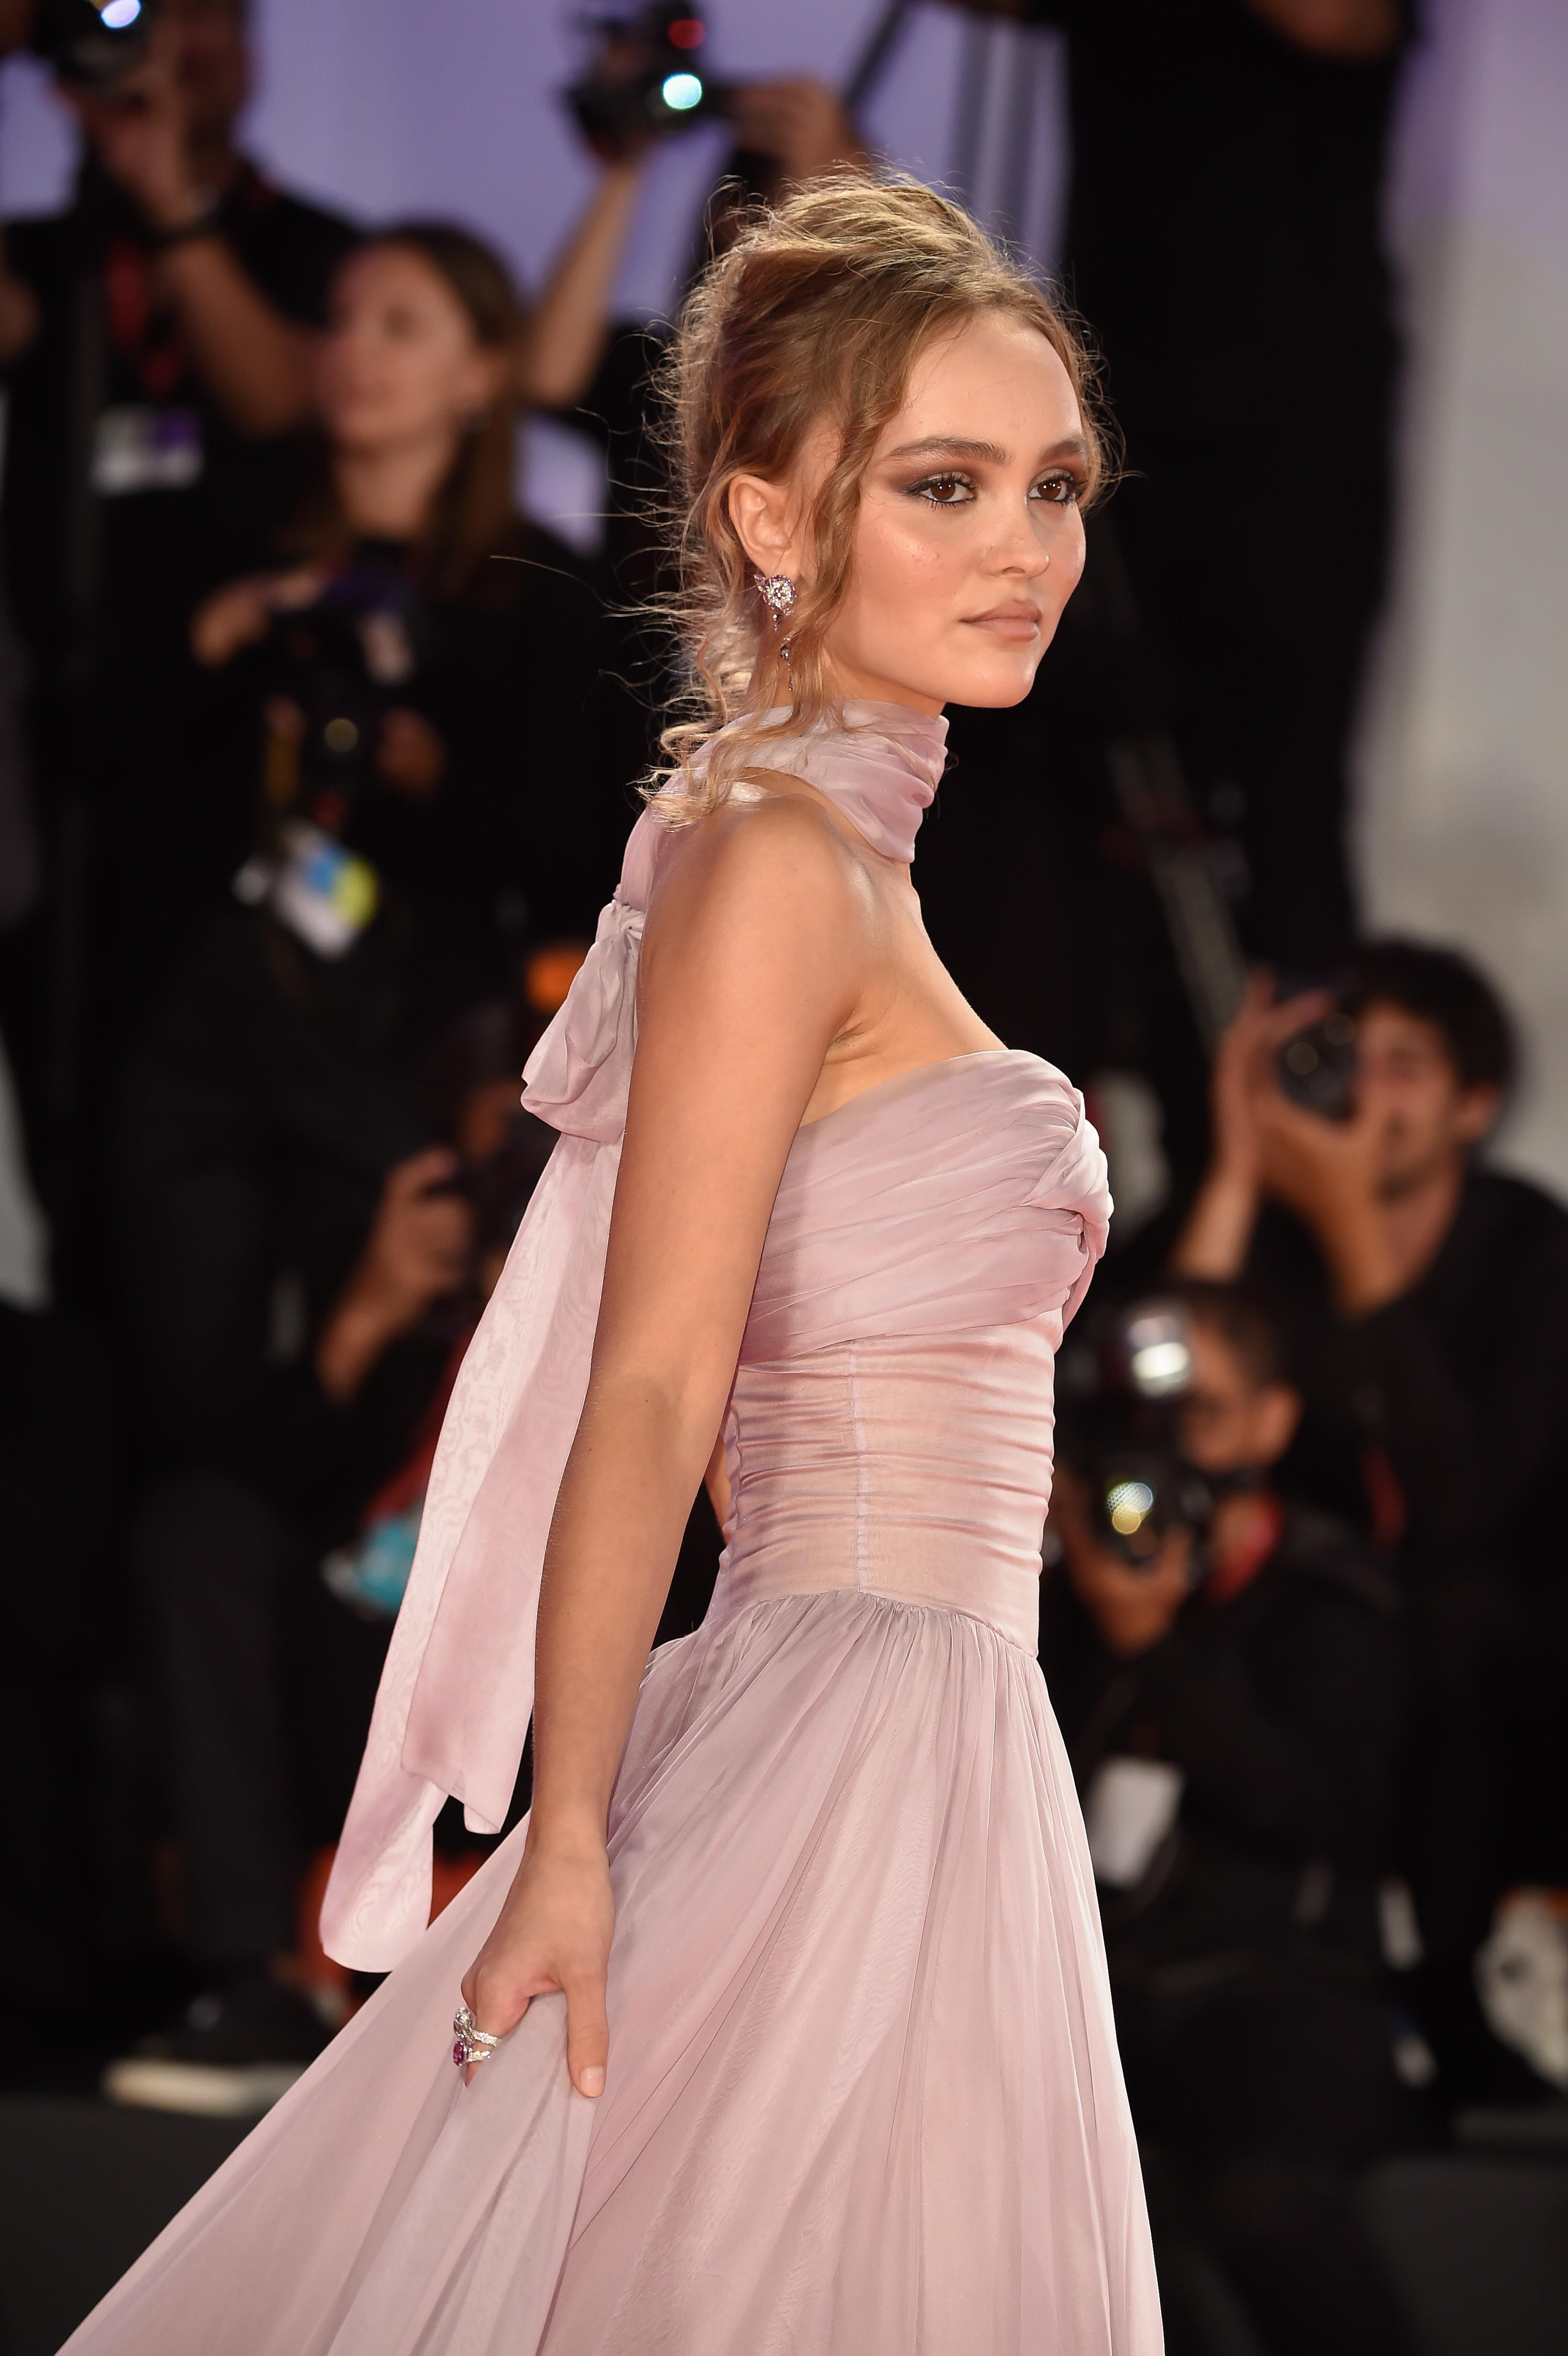 Filha de Johnny Depp brilha em red carpet do Festival de